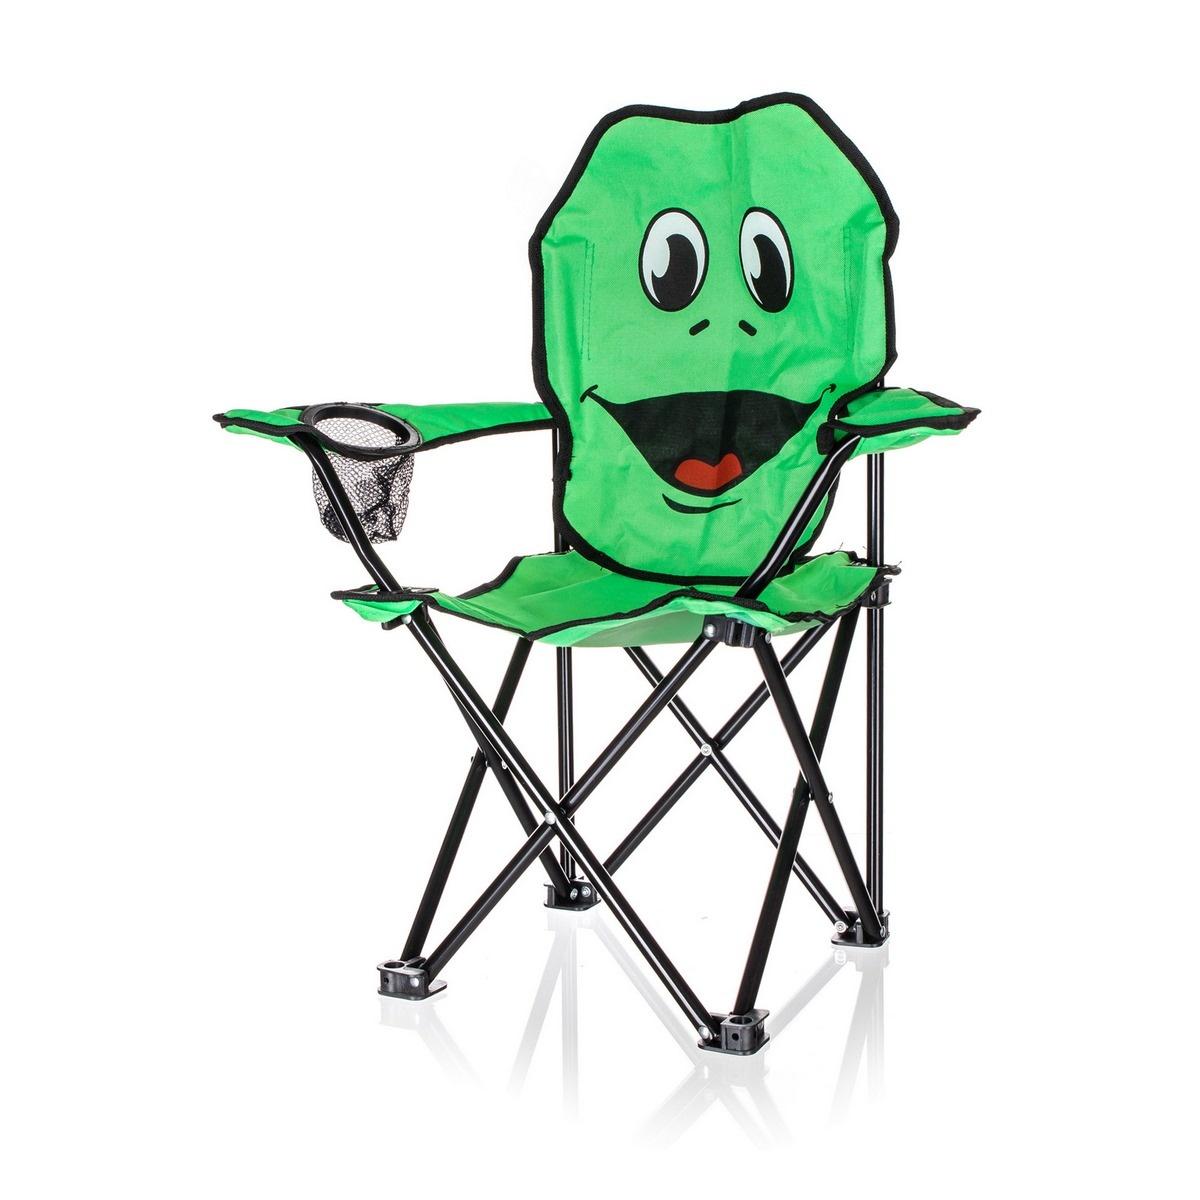 Fotoliu pliabil Happy Green Broască, pentru copii imagine 2021 e4home.ro